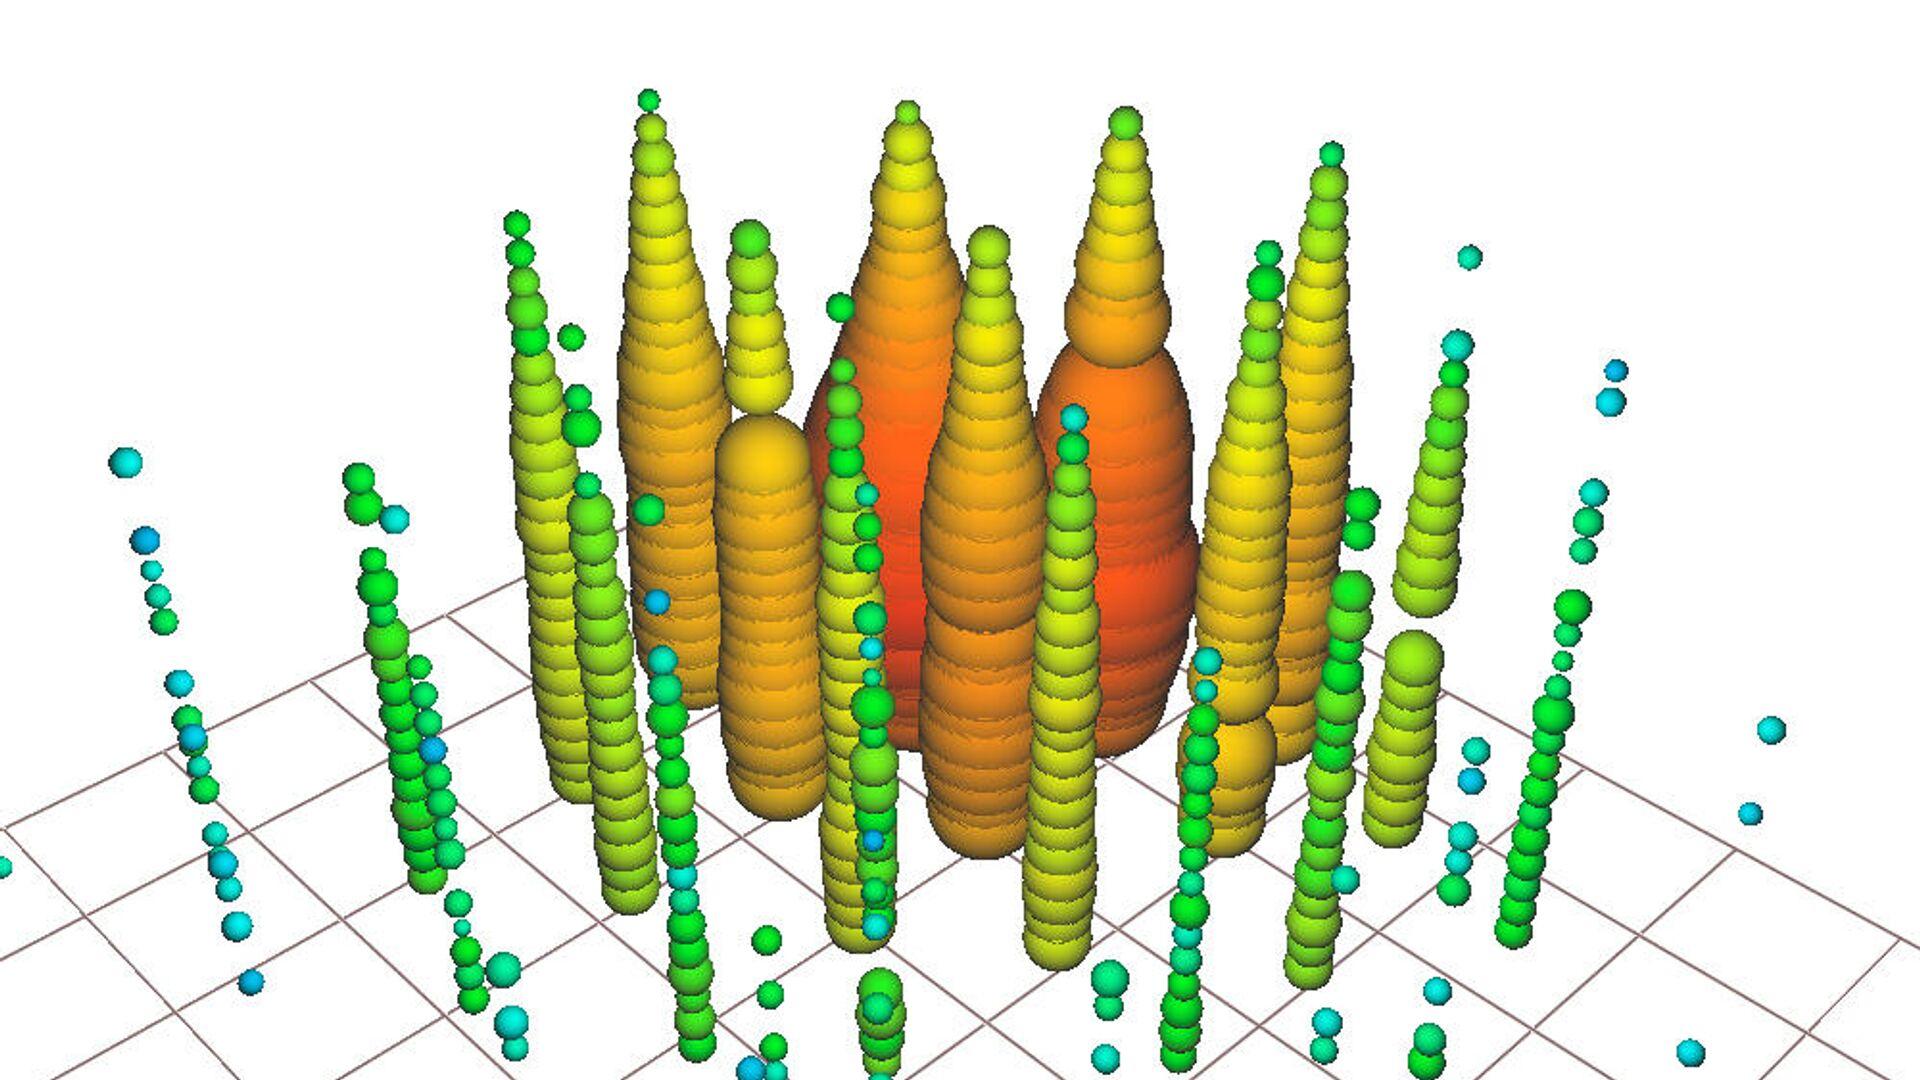 Детекторы IceCube зафиксировали образование новых частиц из антинейтрино